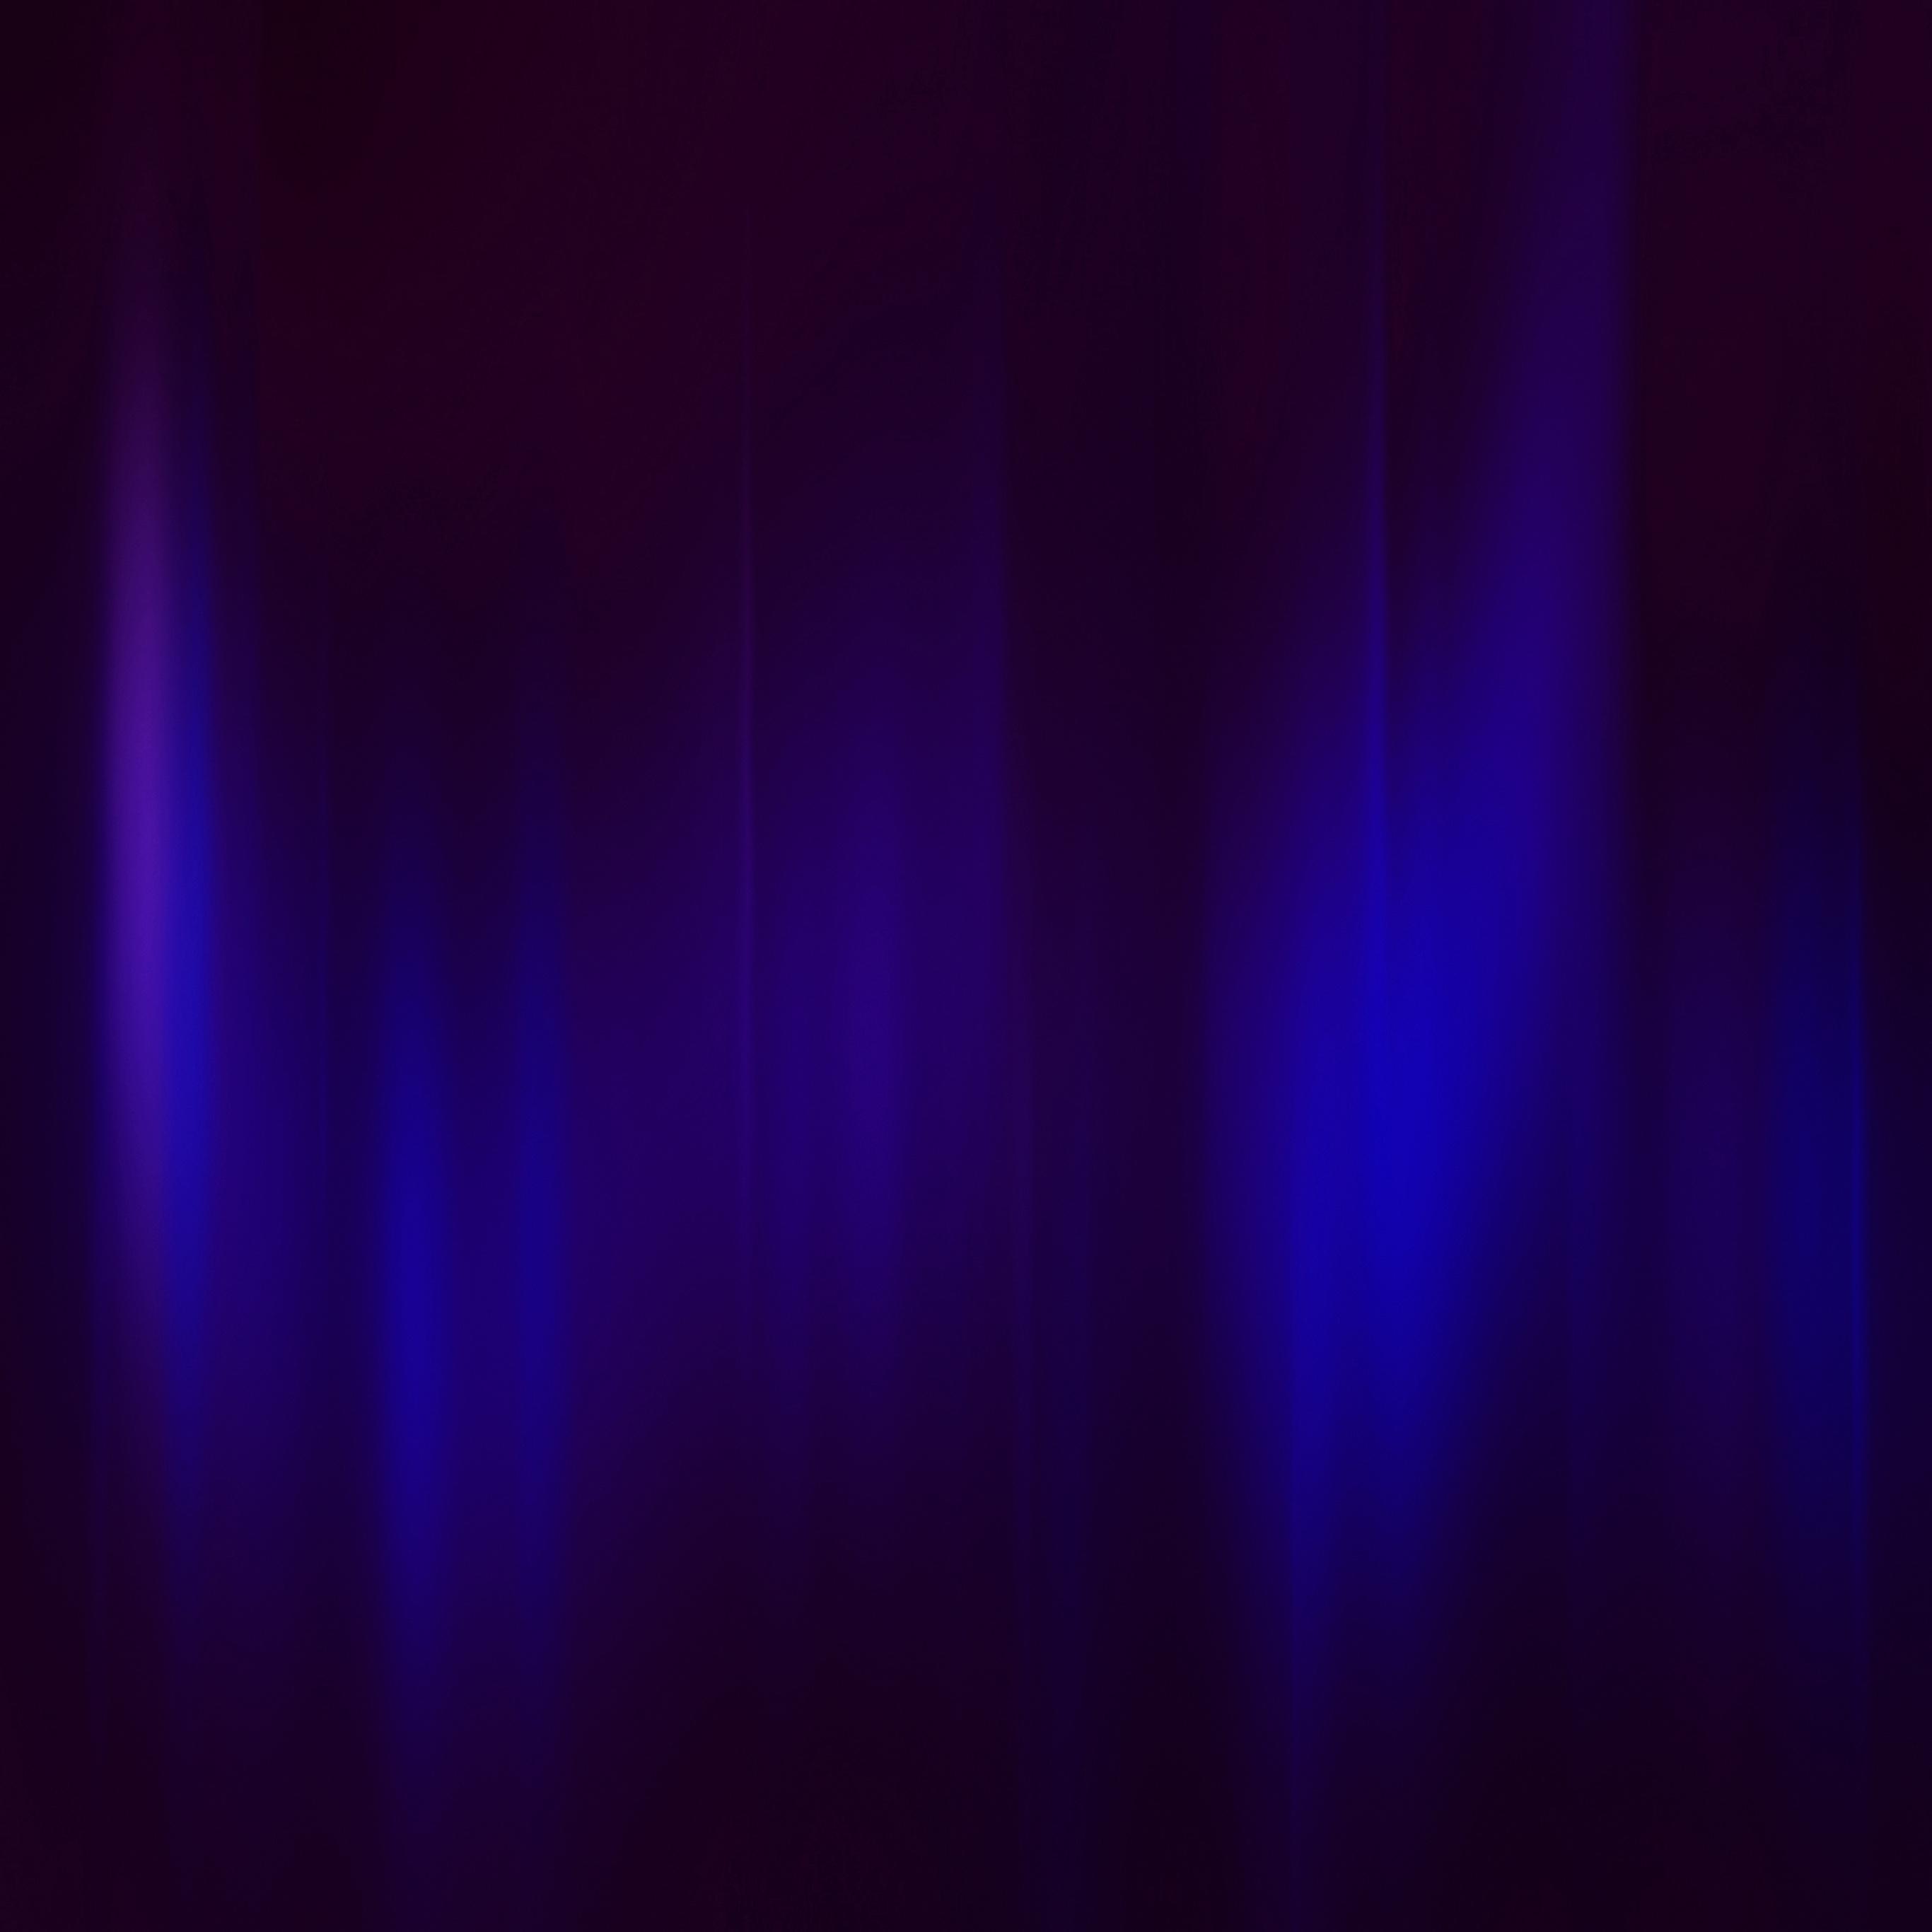 Dark Blue And Gold Bedroom Ideas: Vi20-retro-moden-dark-blue-abstract-pattern-wallpaper